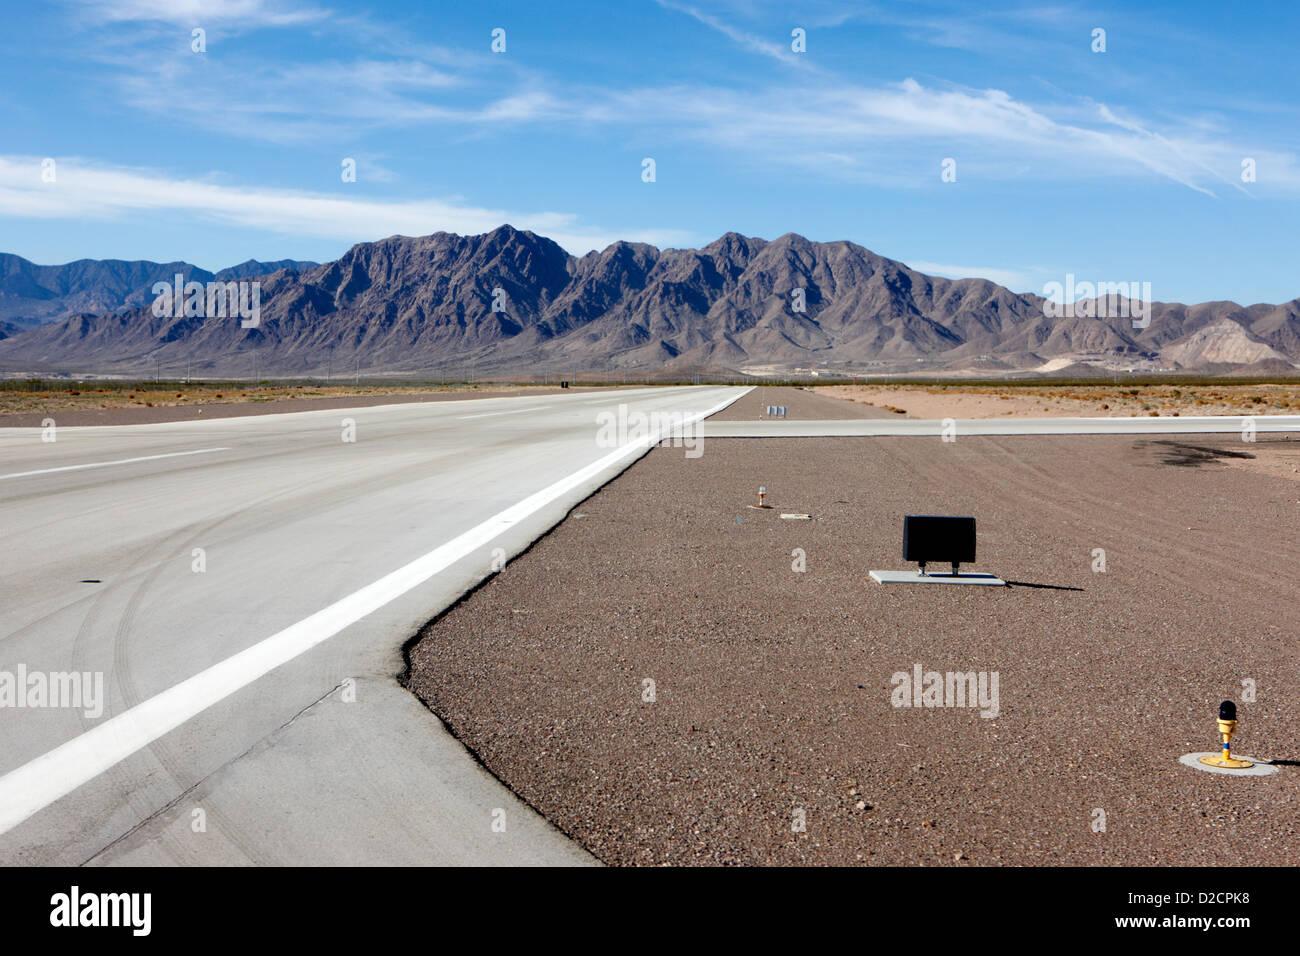 runway at boulder airport Nevada USA - Stock Image